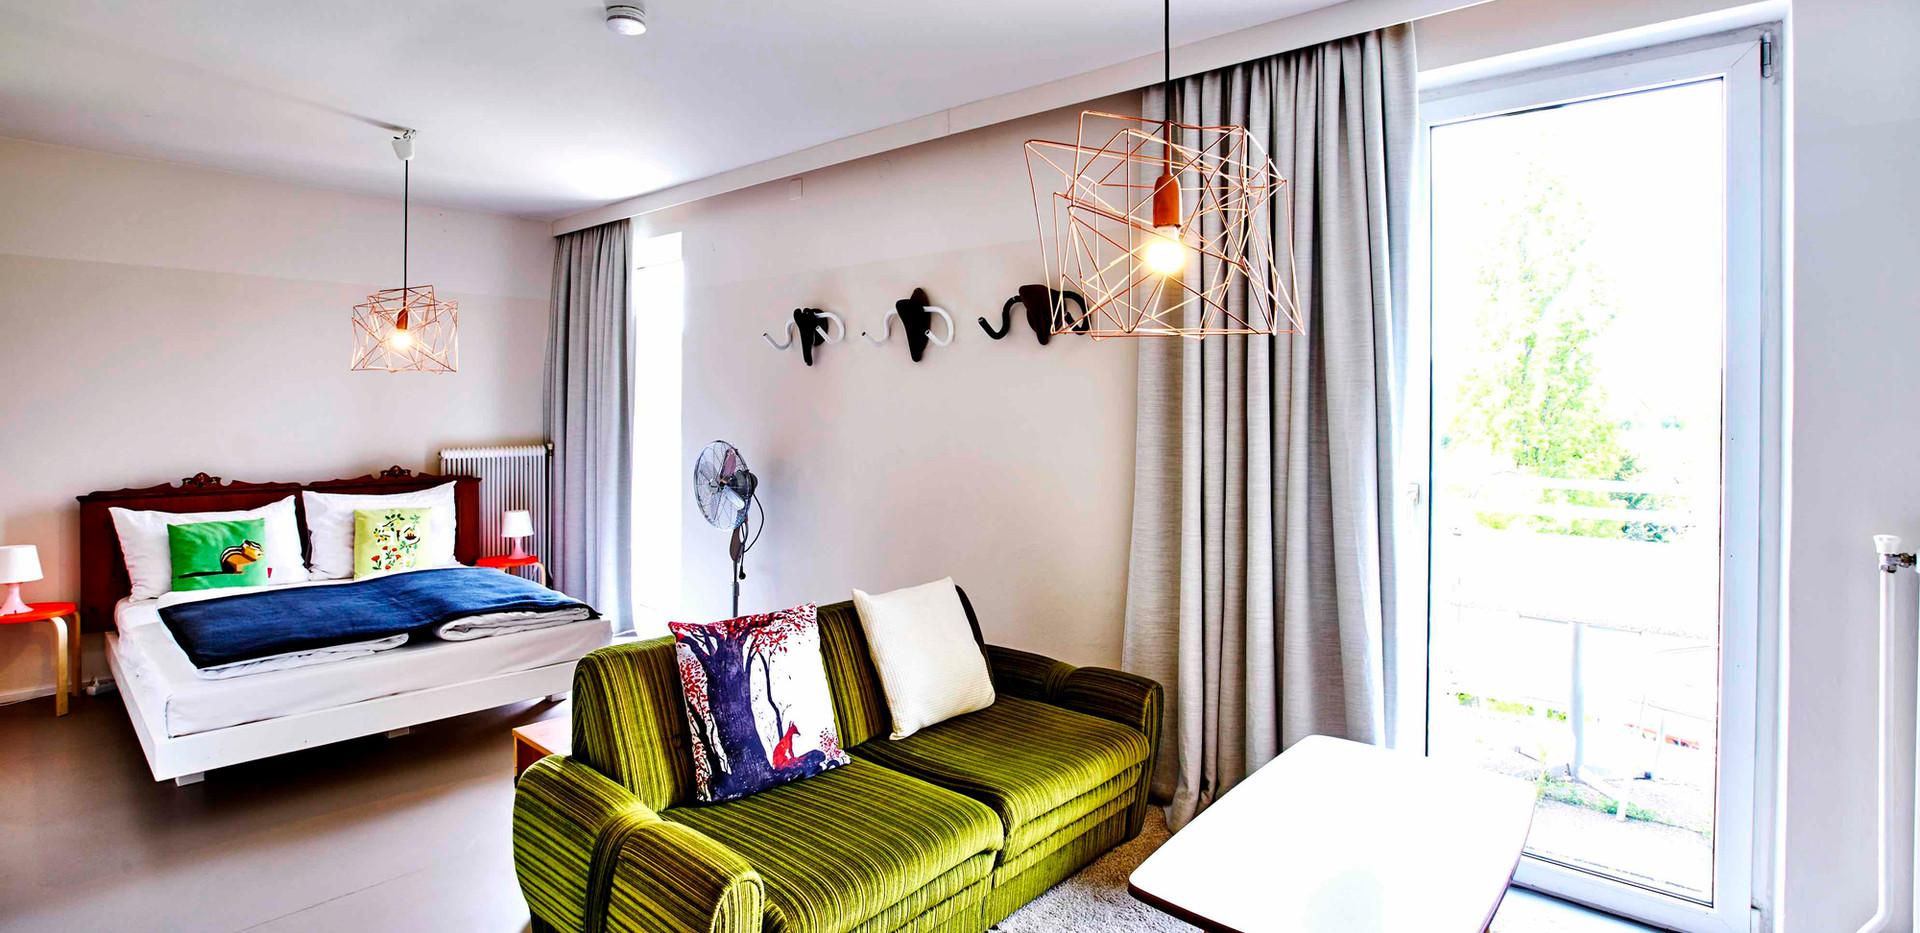 47 magdas hotel 2.jpg